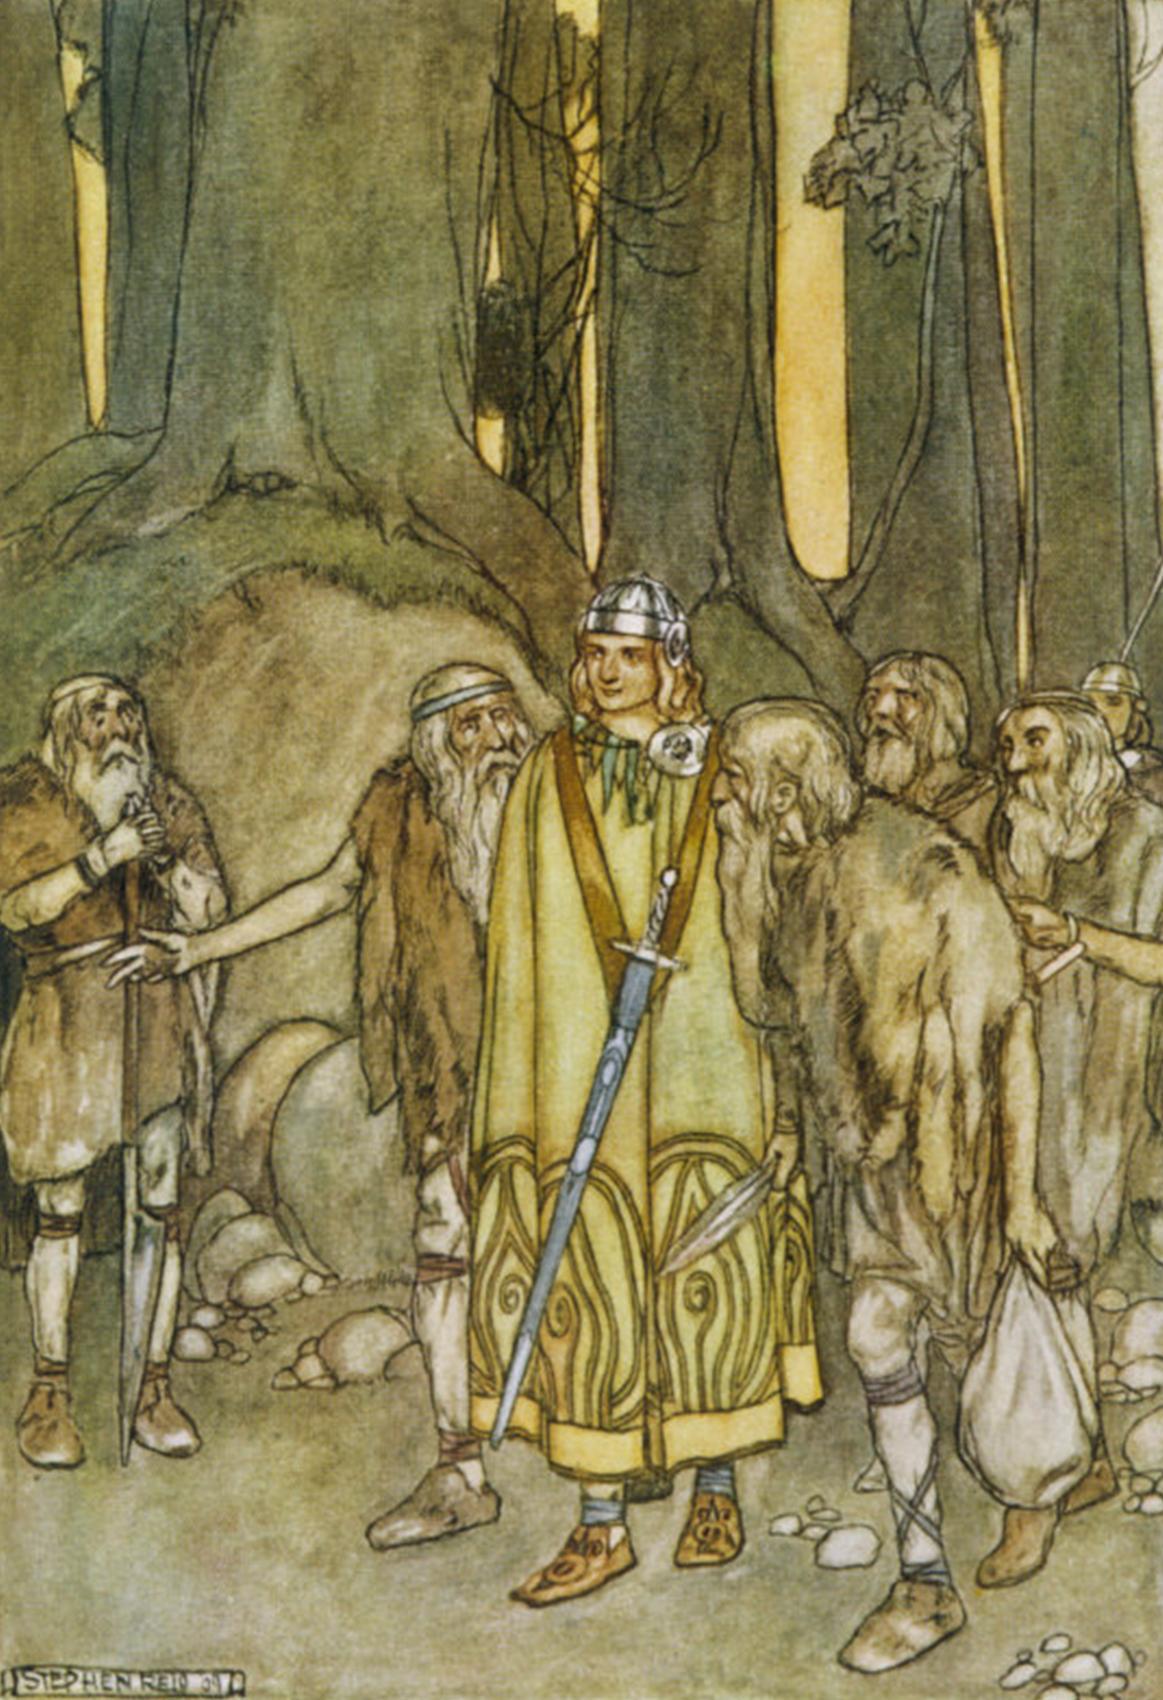 Irish hero Fionn with sword